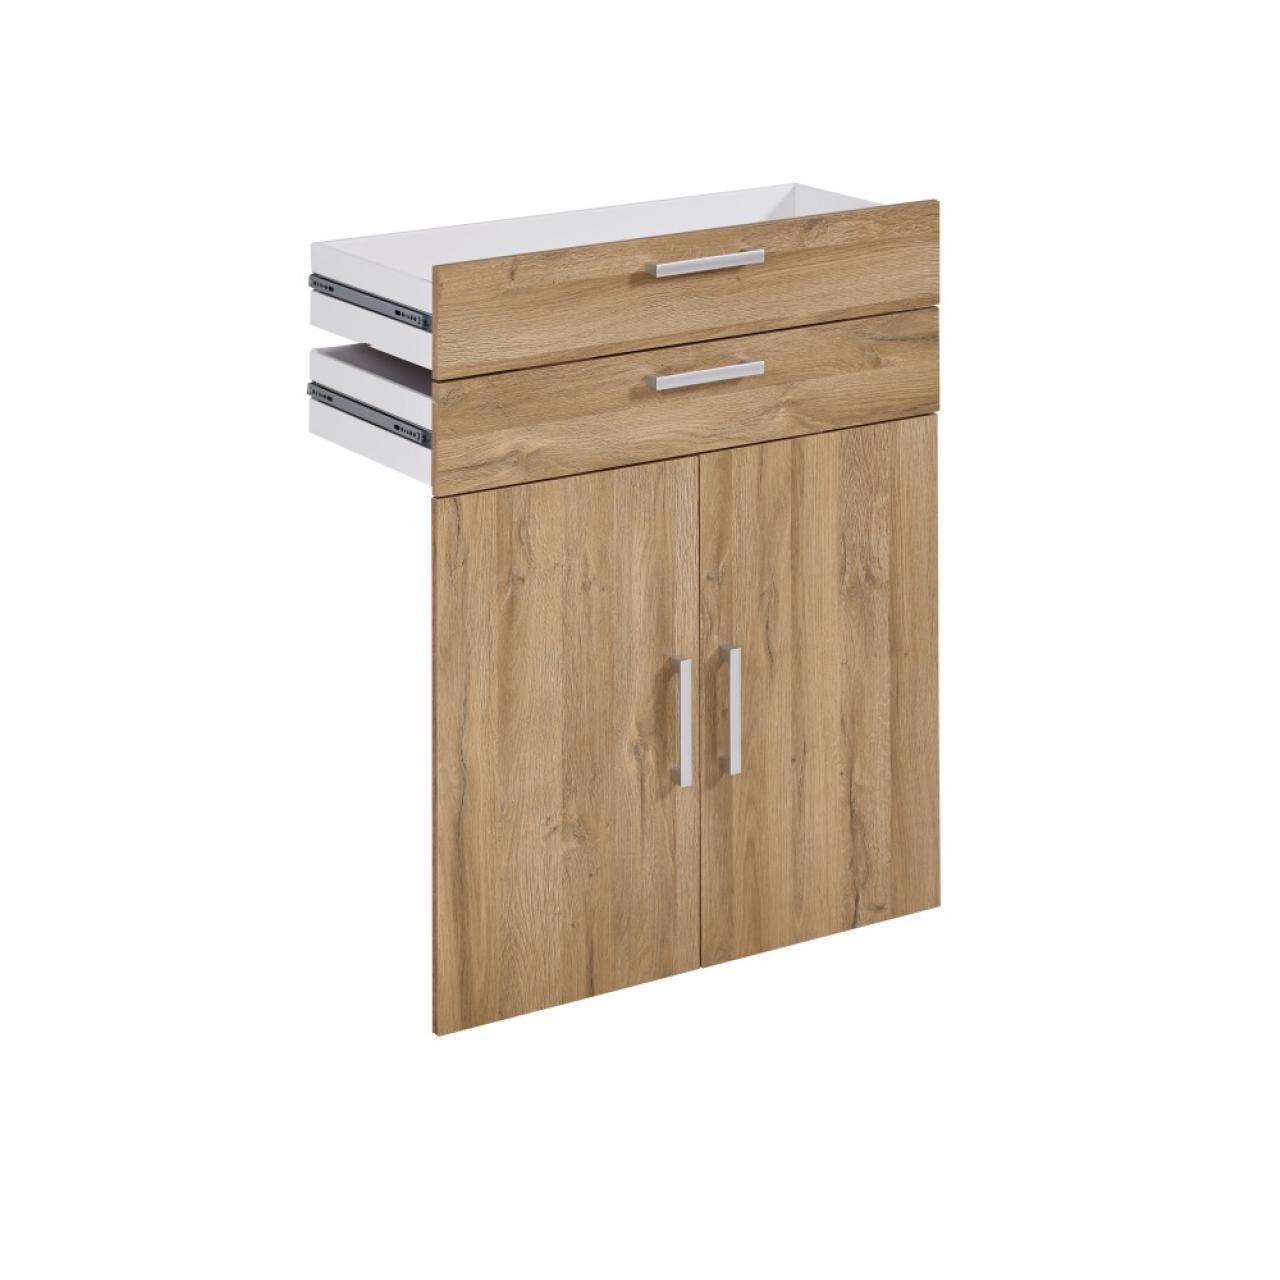 Türen/Schubkasten Set Calvia 13 - Alteiche